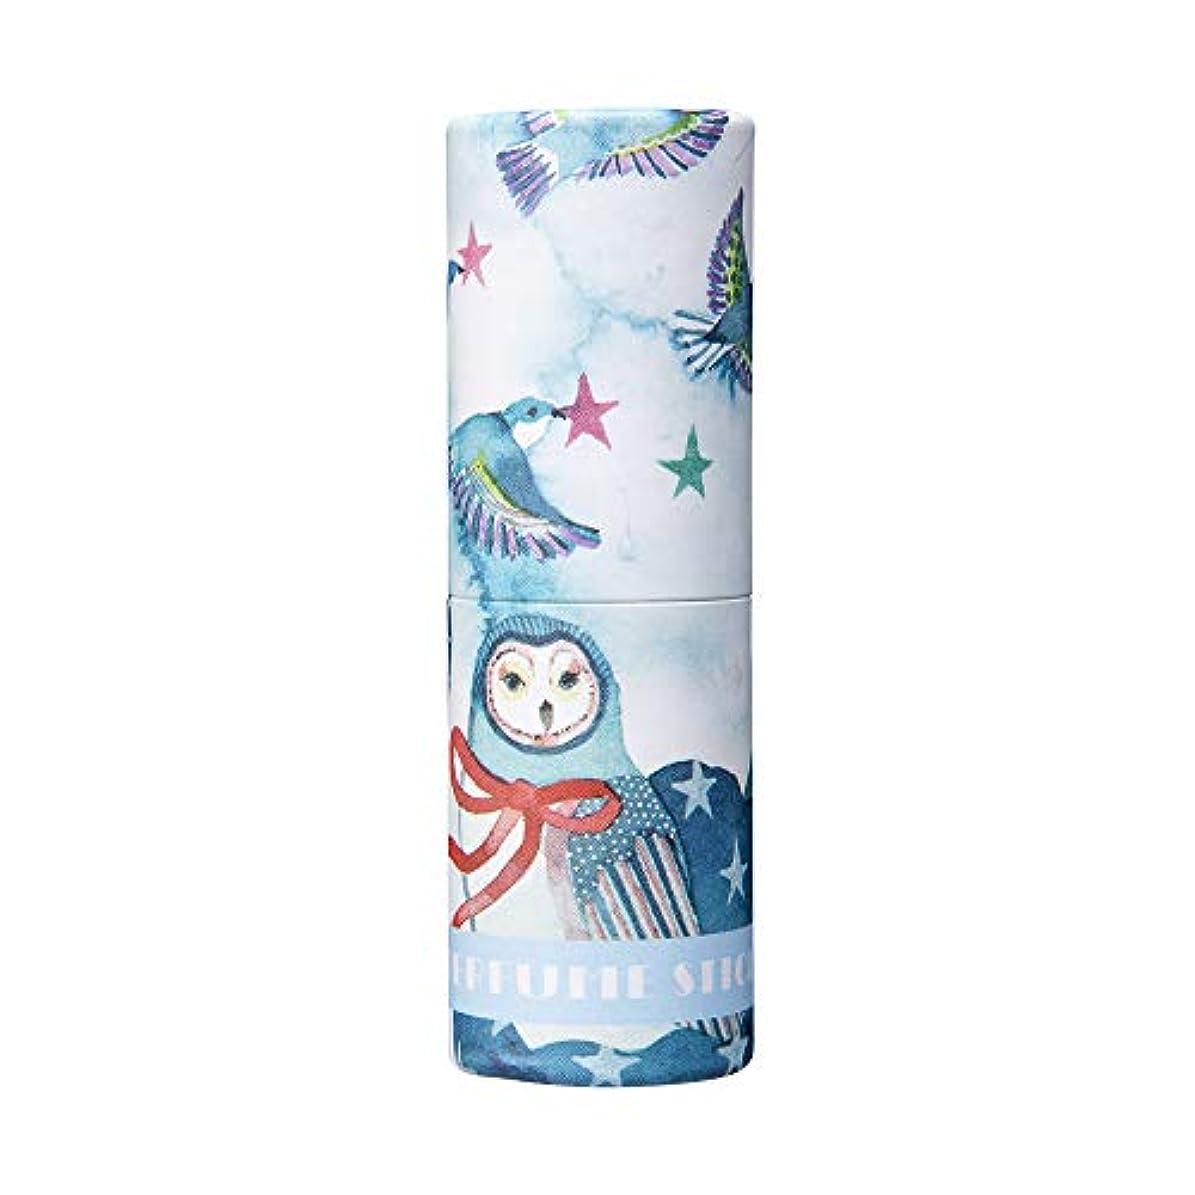 仕方追跡骨折パフュームスティック ウィッシュ ホワイトフラワー&シャボンの香り CatoFriendデザイン 5g